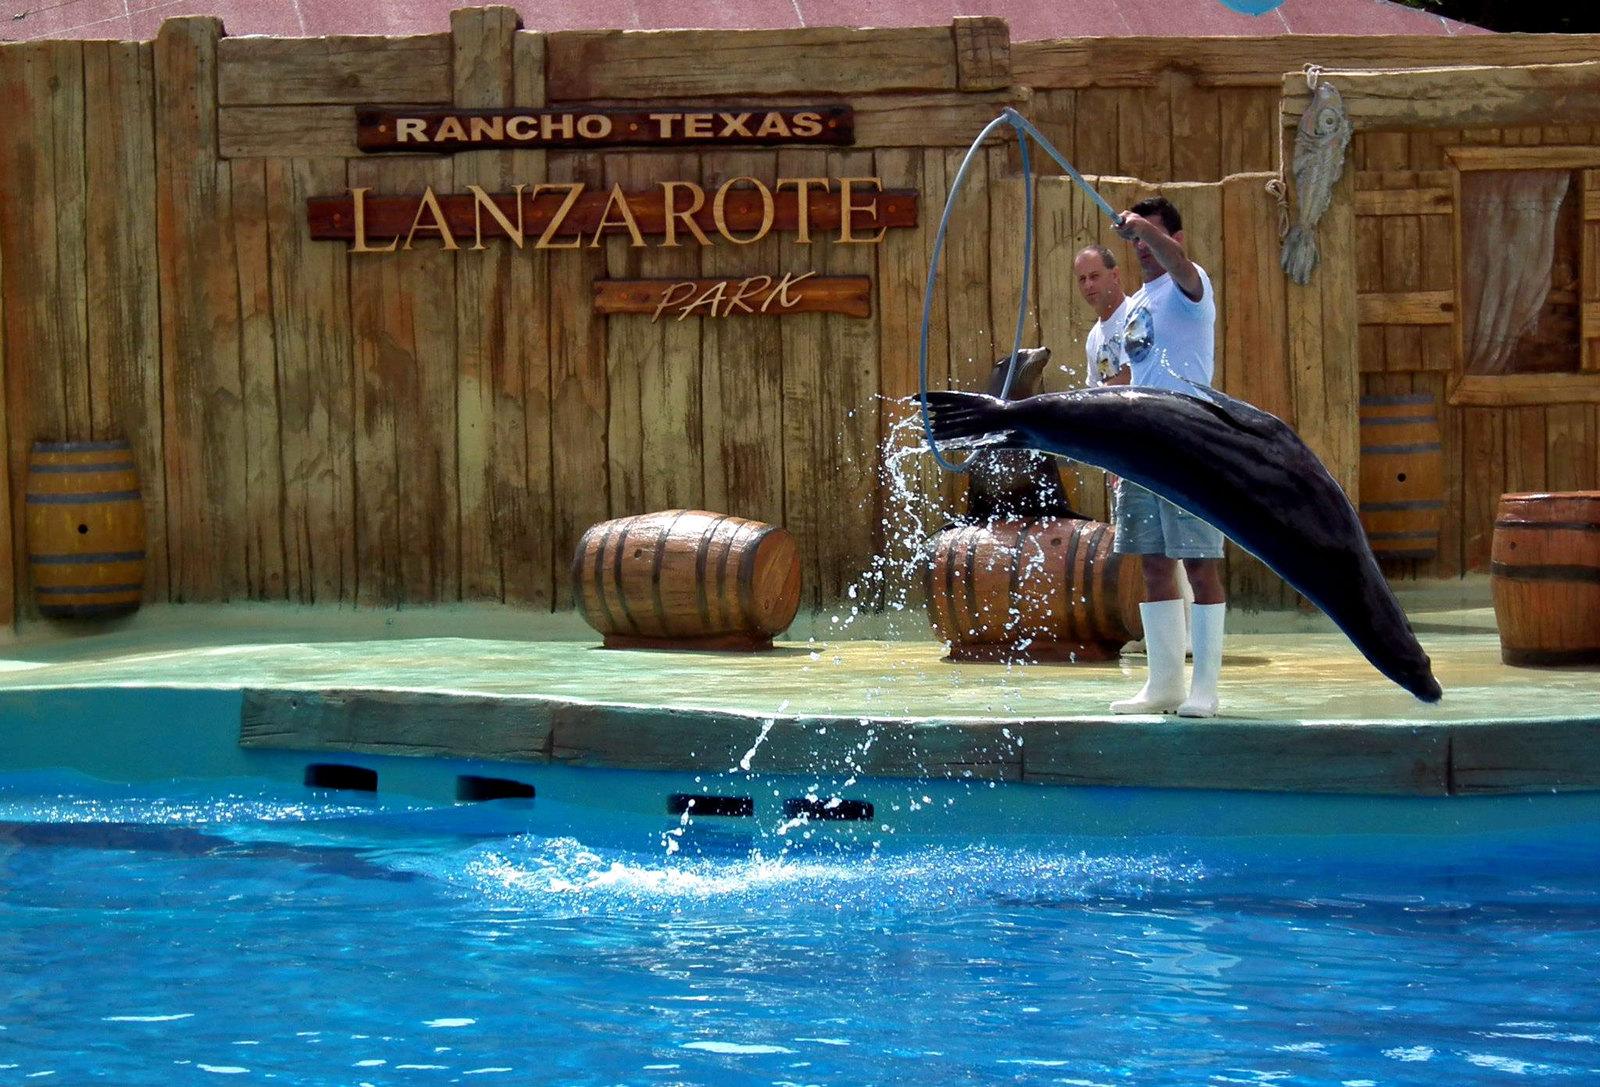 El show del león marino en Rancho Texas Park Lanzarote